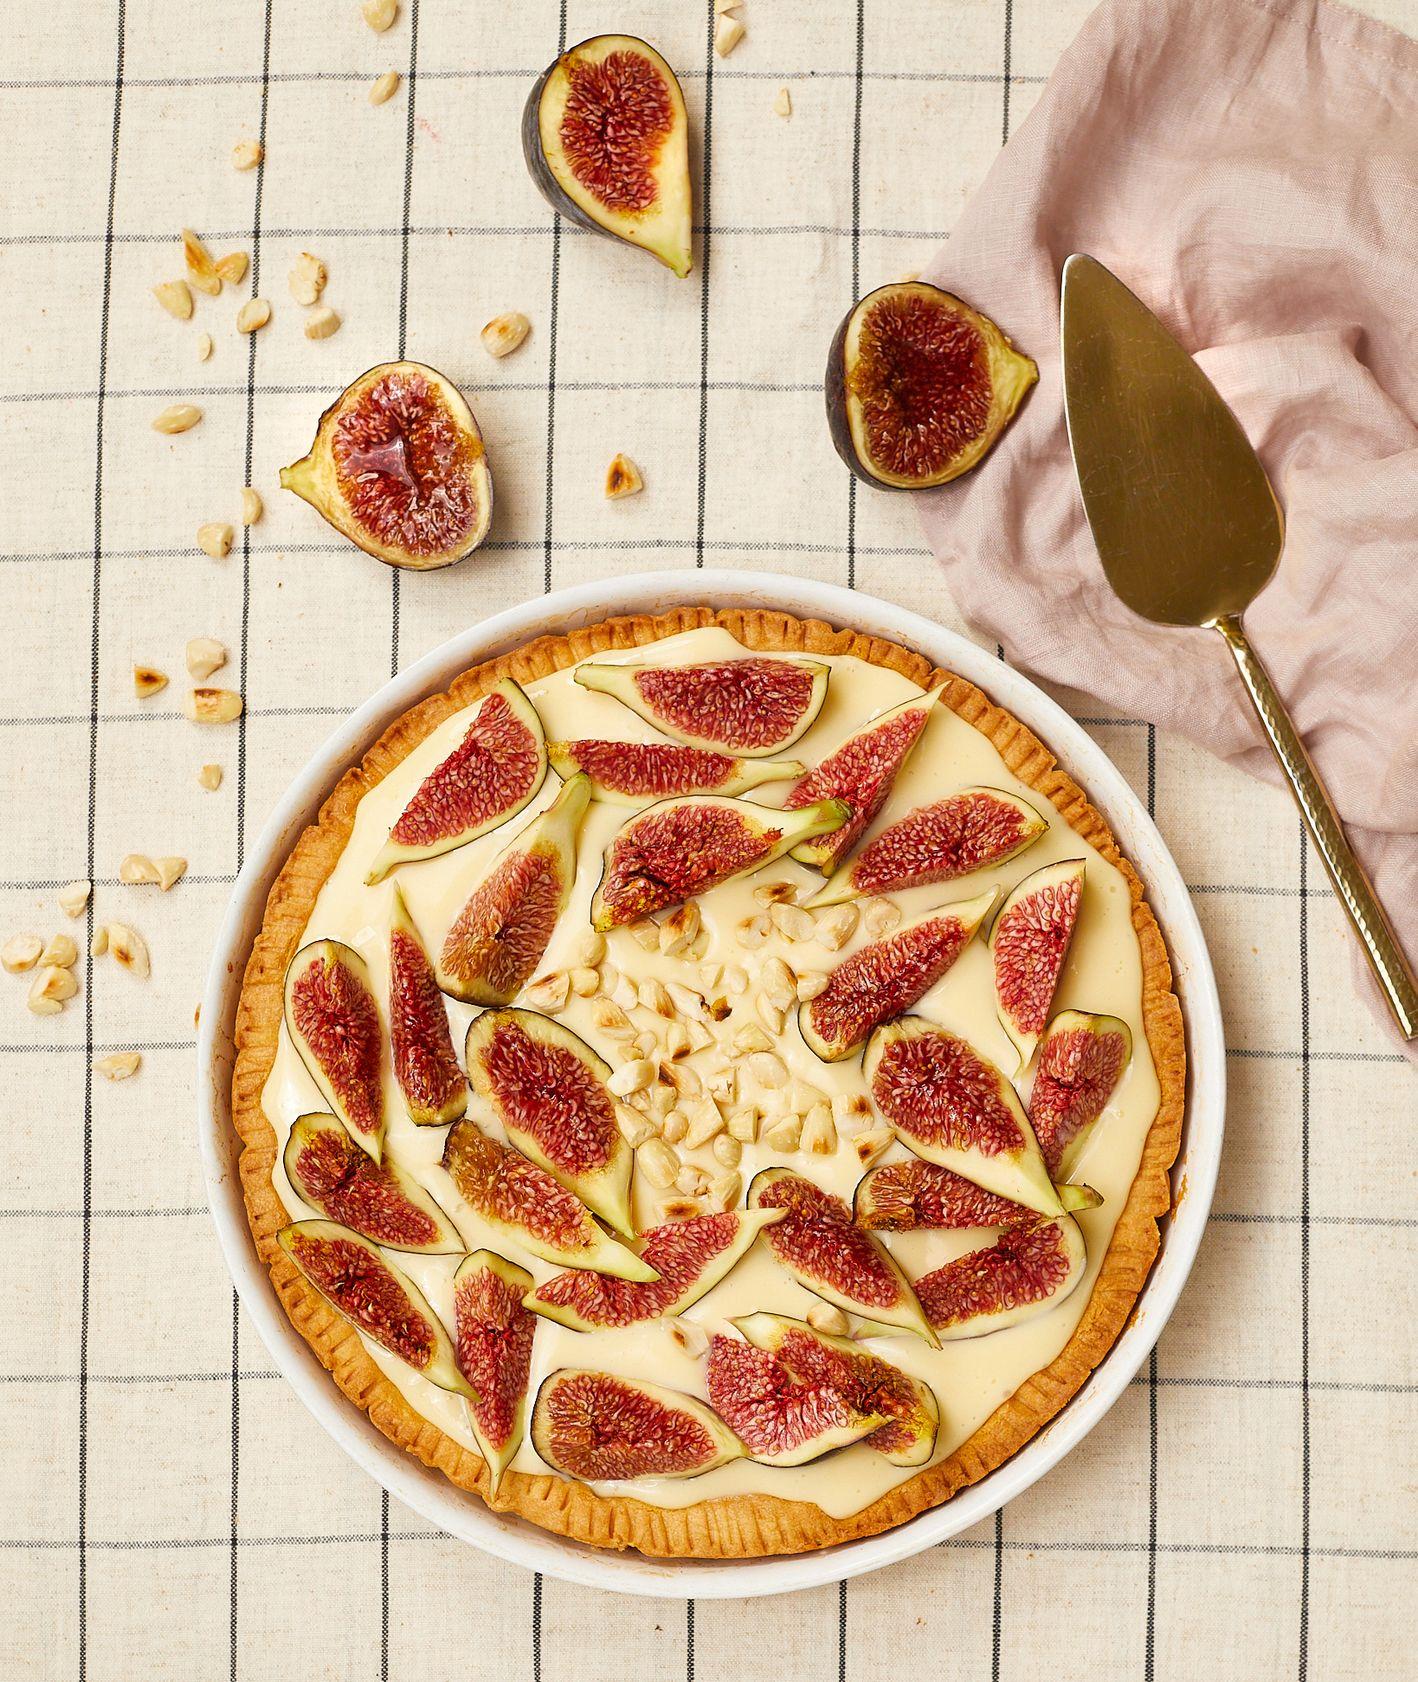 Włoska szkoła gotowania Cristiny Catese – ciasta z owocami. Przepis na świeżą tartę figowa (fot. Maciej Niemojewski)